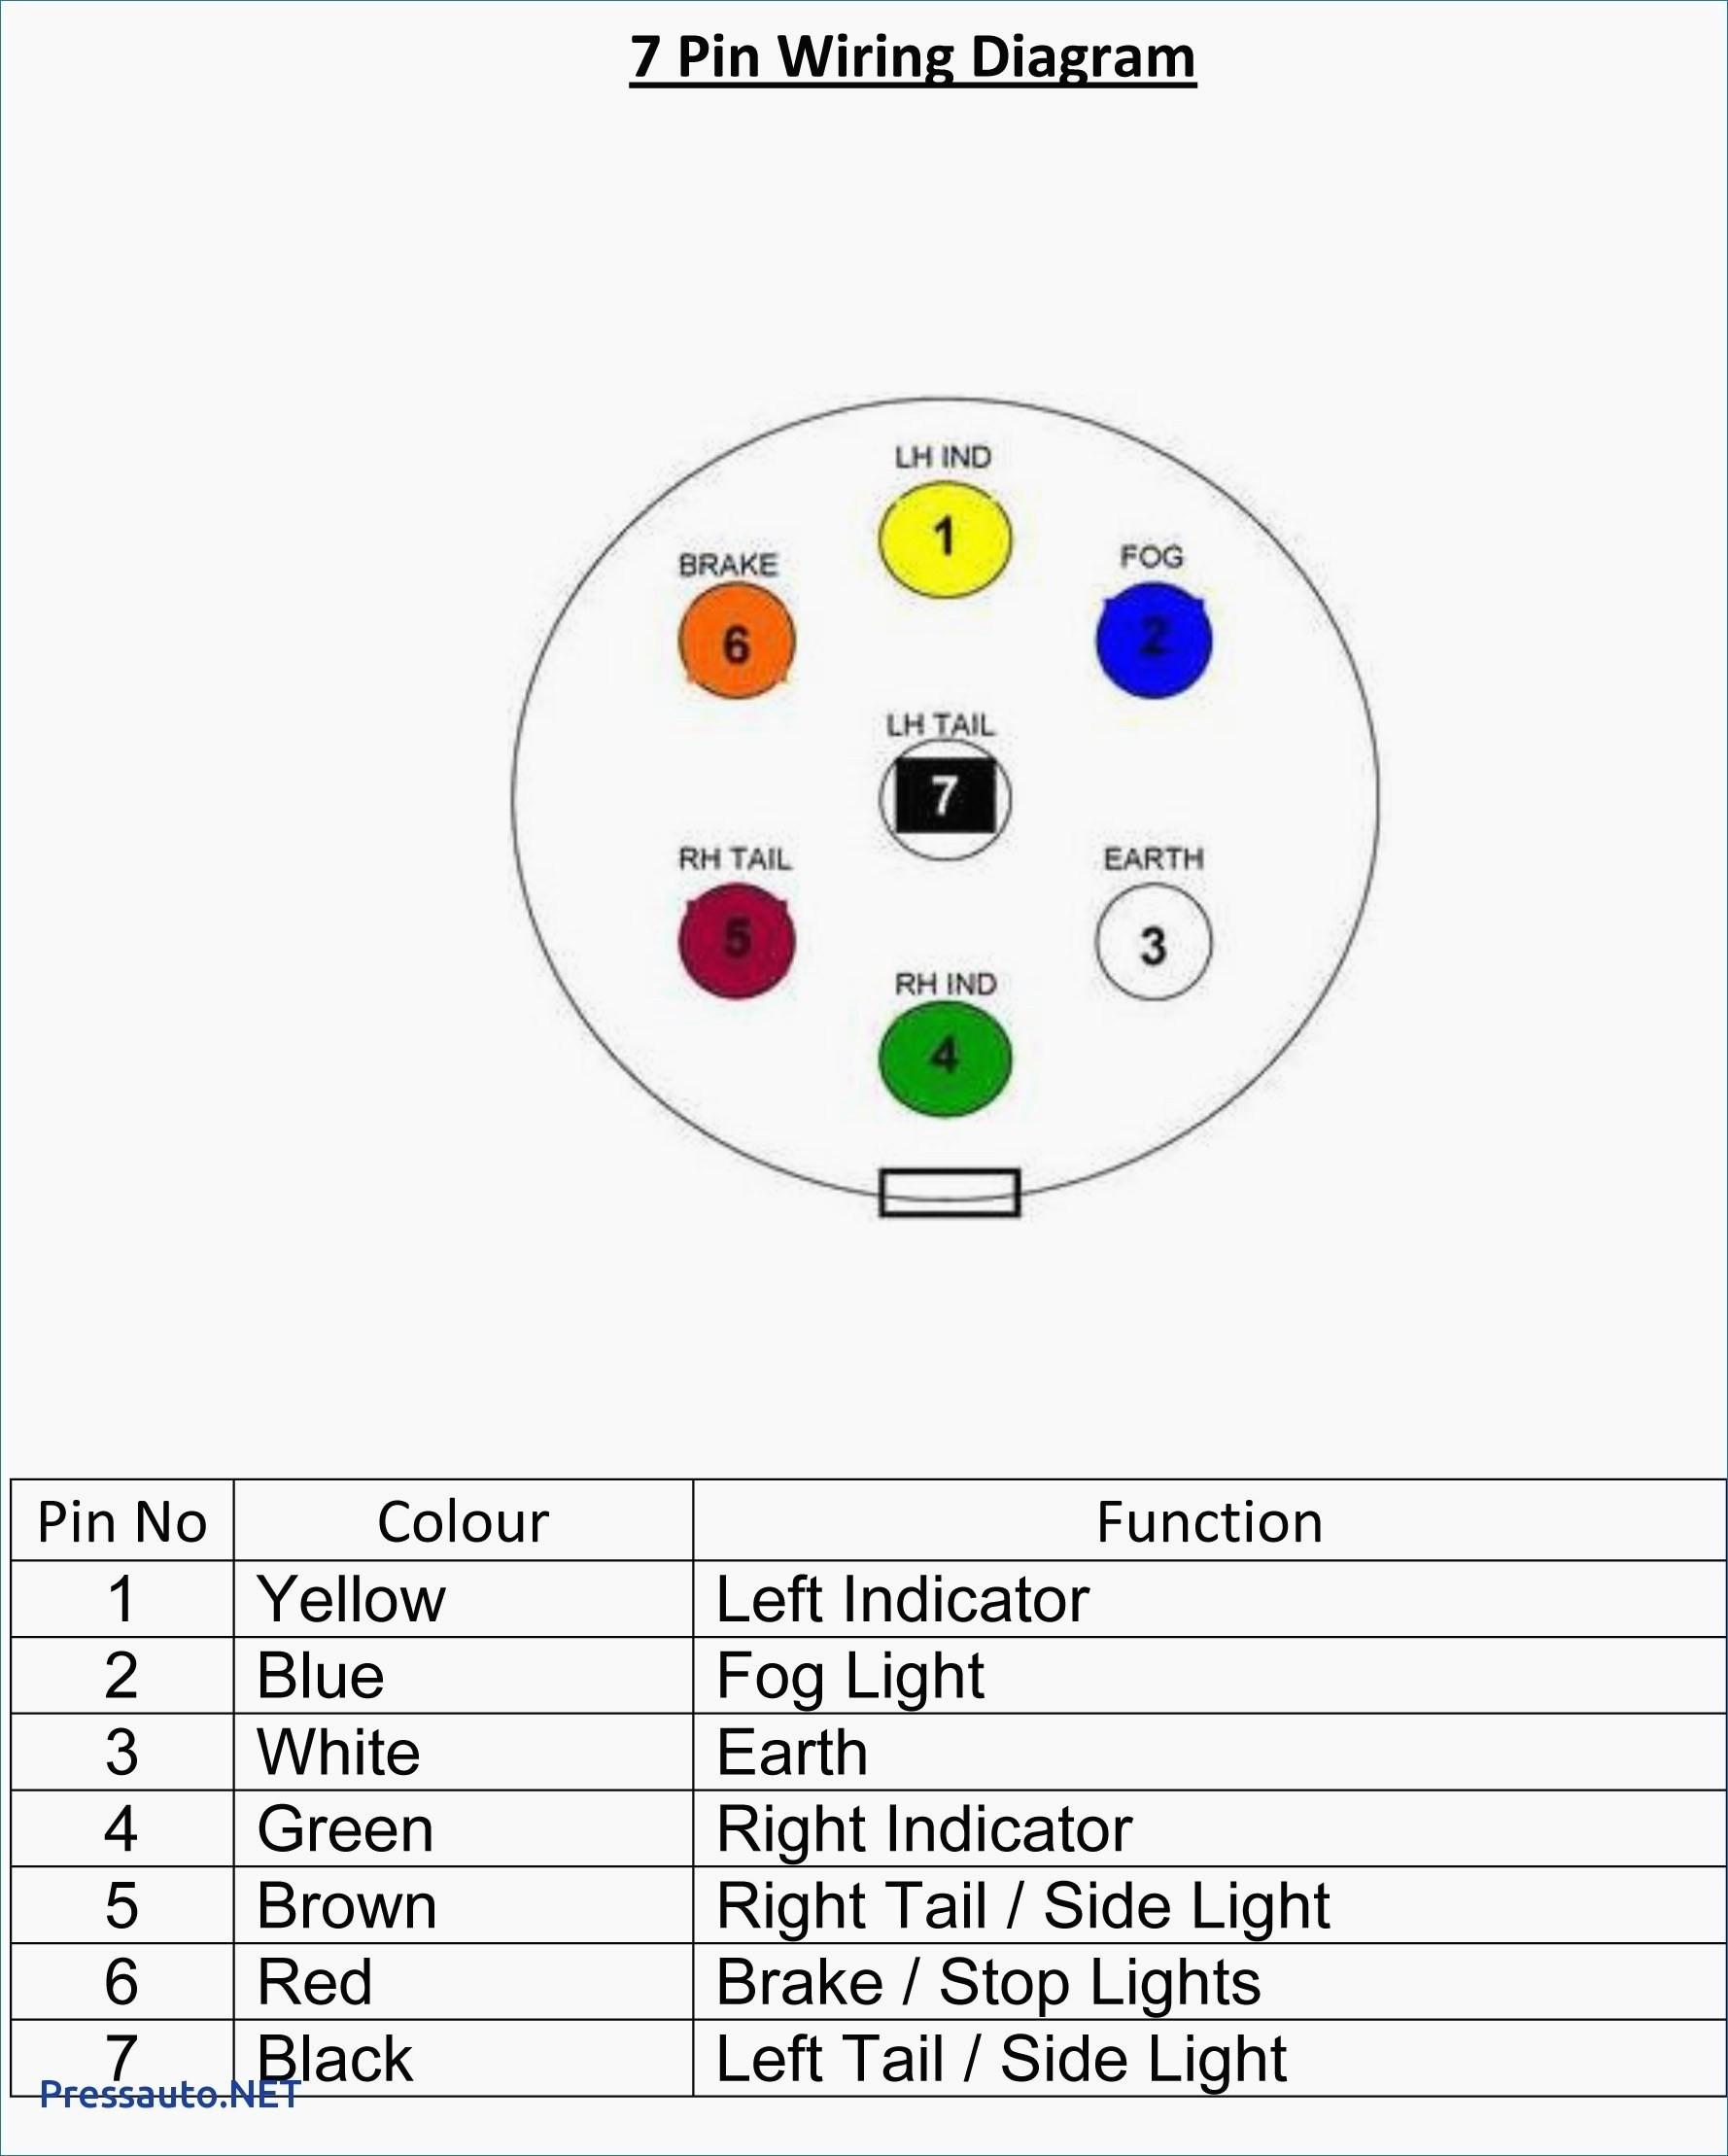 7 Pin Trailer Plug Wiring Gmc - Wiring Diagram Data - Ford 7 Pin Trailer Wiring Diagram